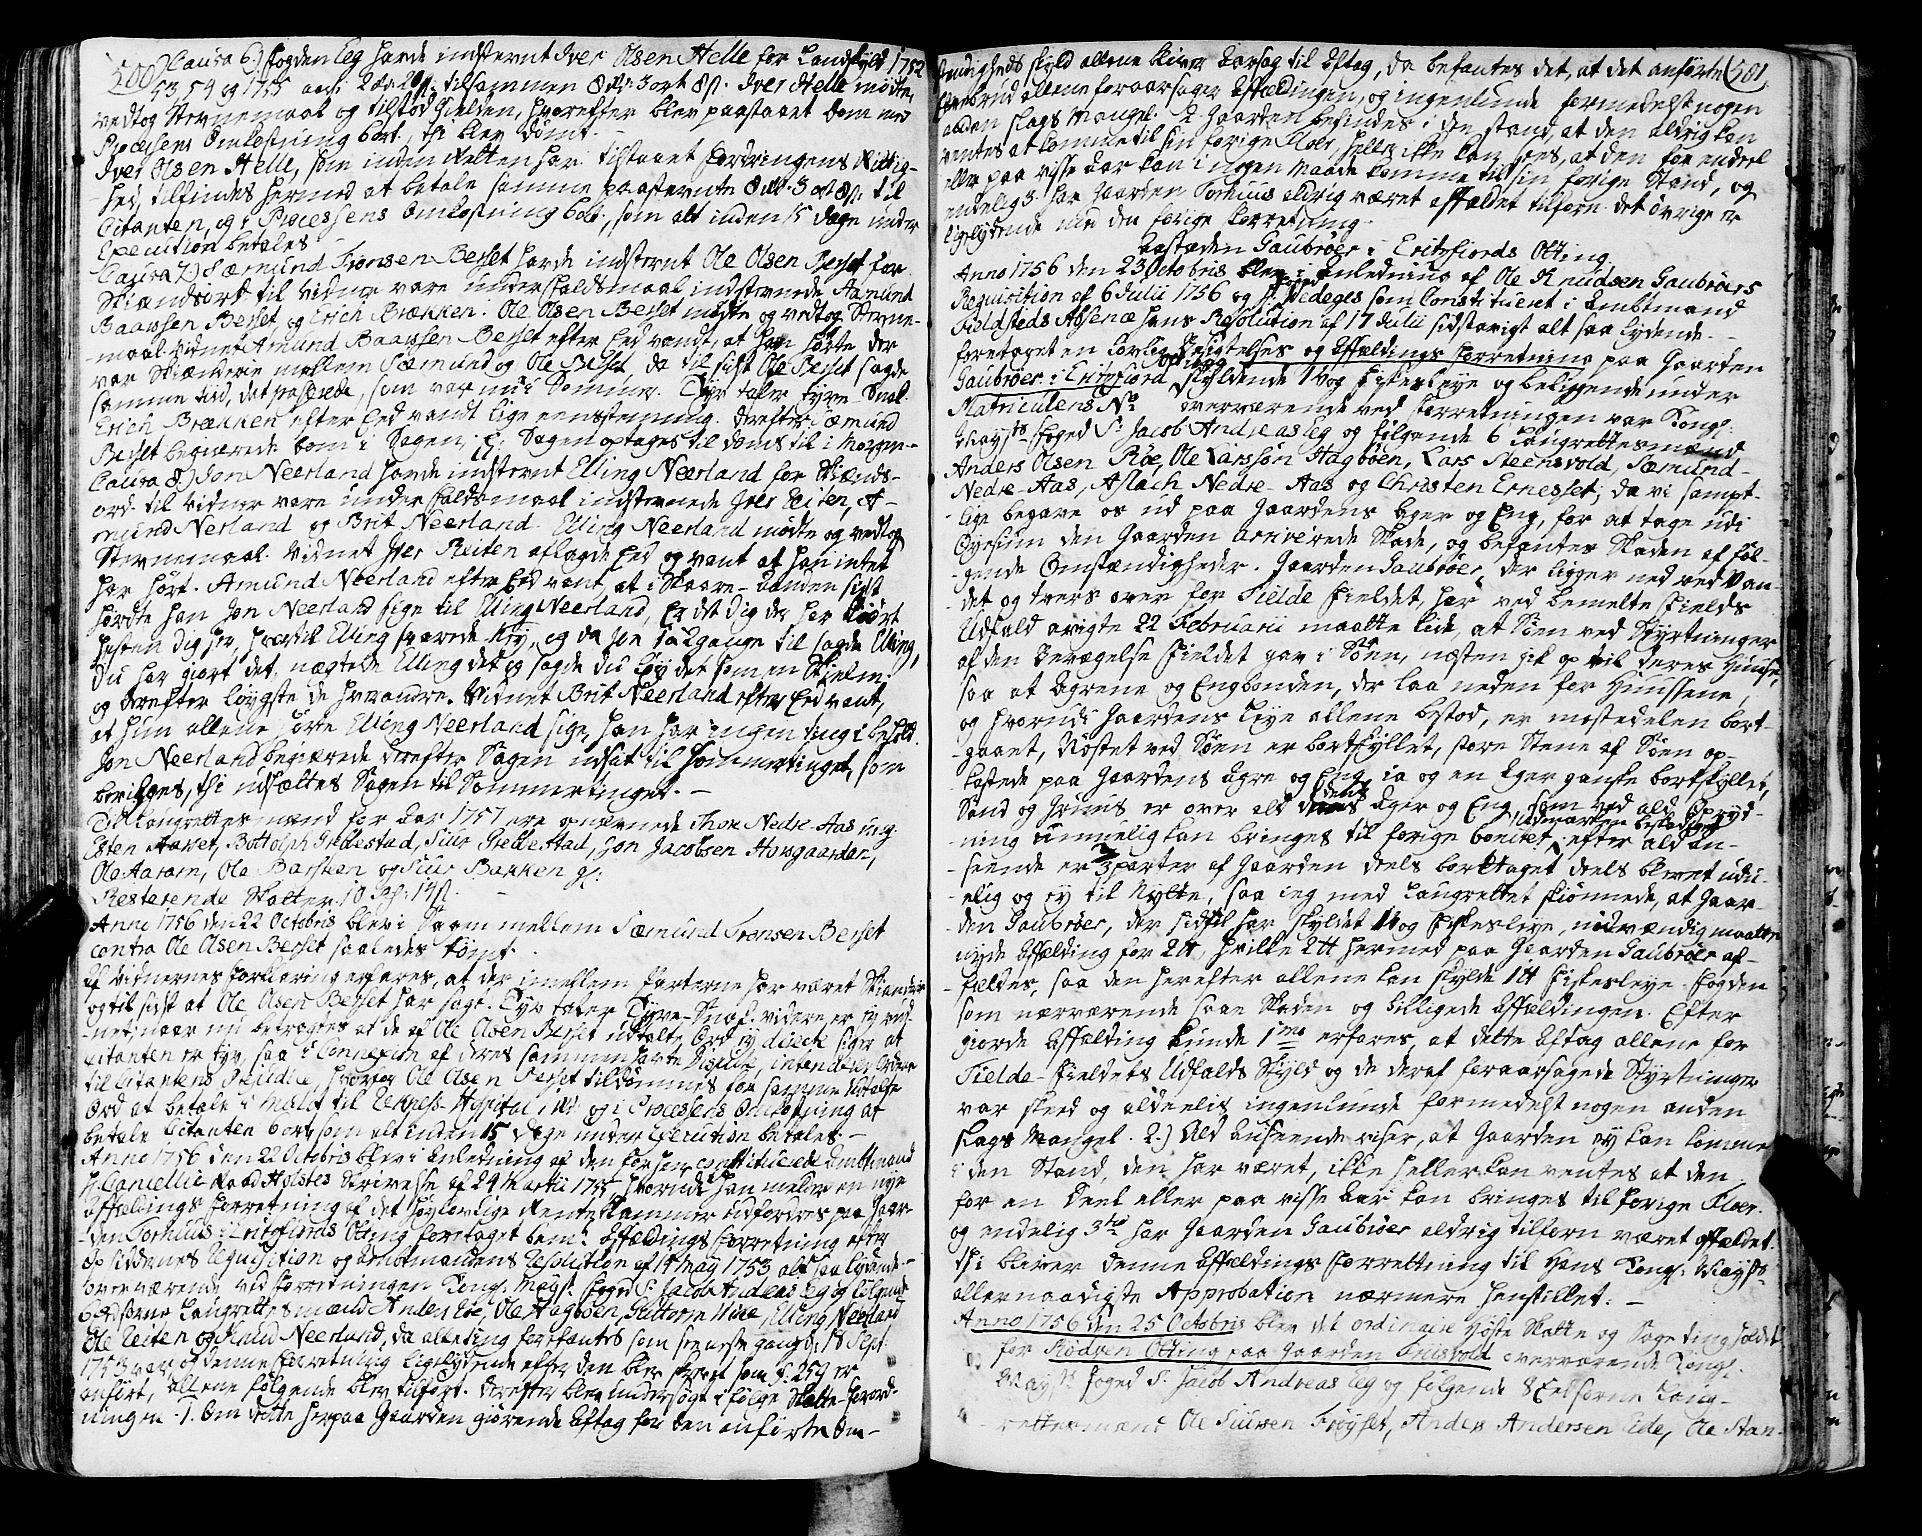 SAT, Romsdal sorenskriveri, 1/1A/L0013: Tingbok, 1749-1757, s. 500-501